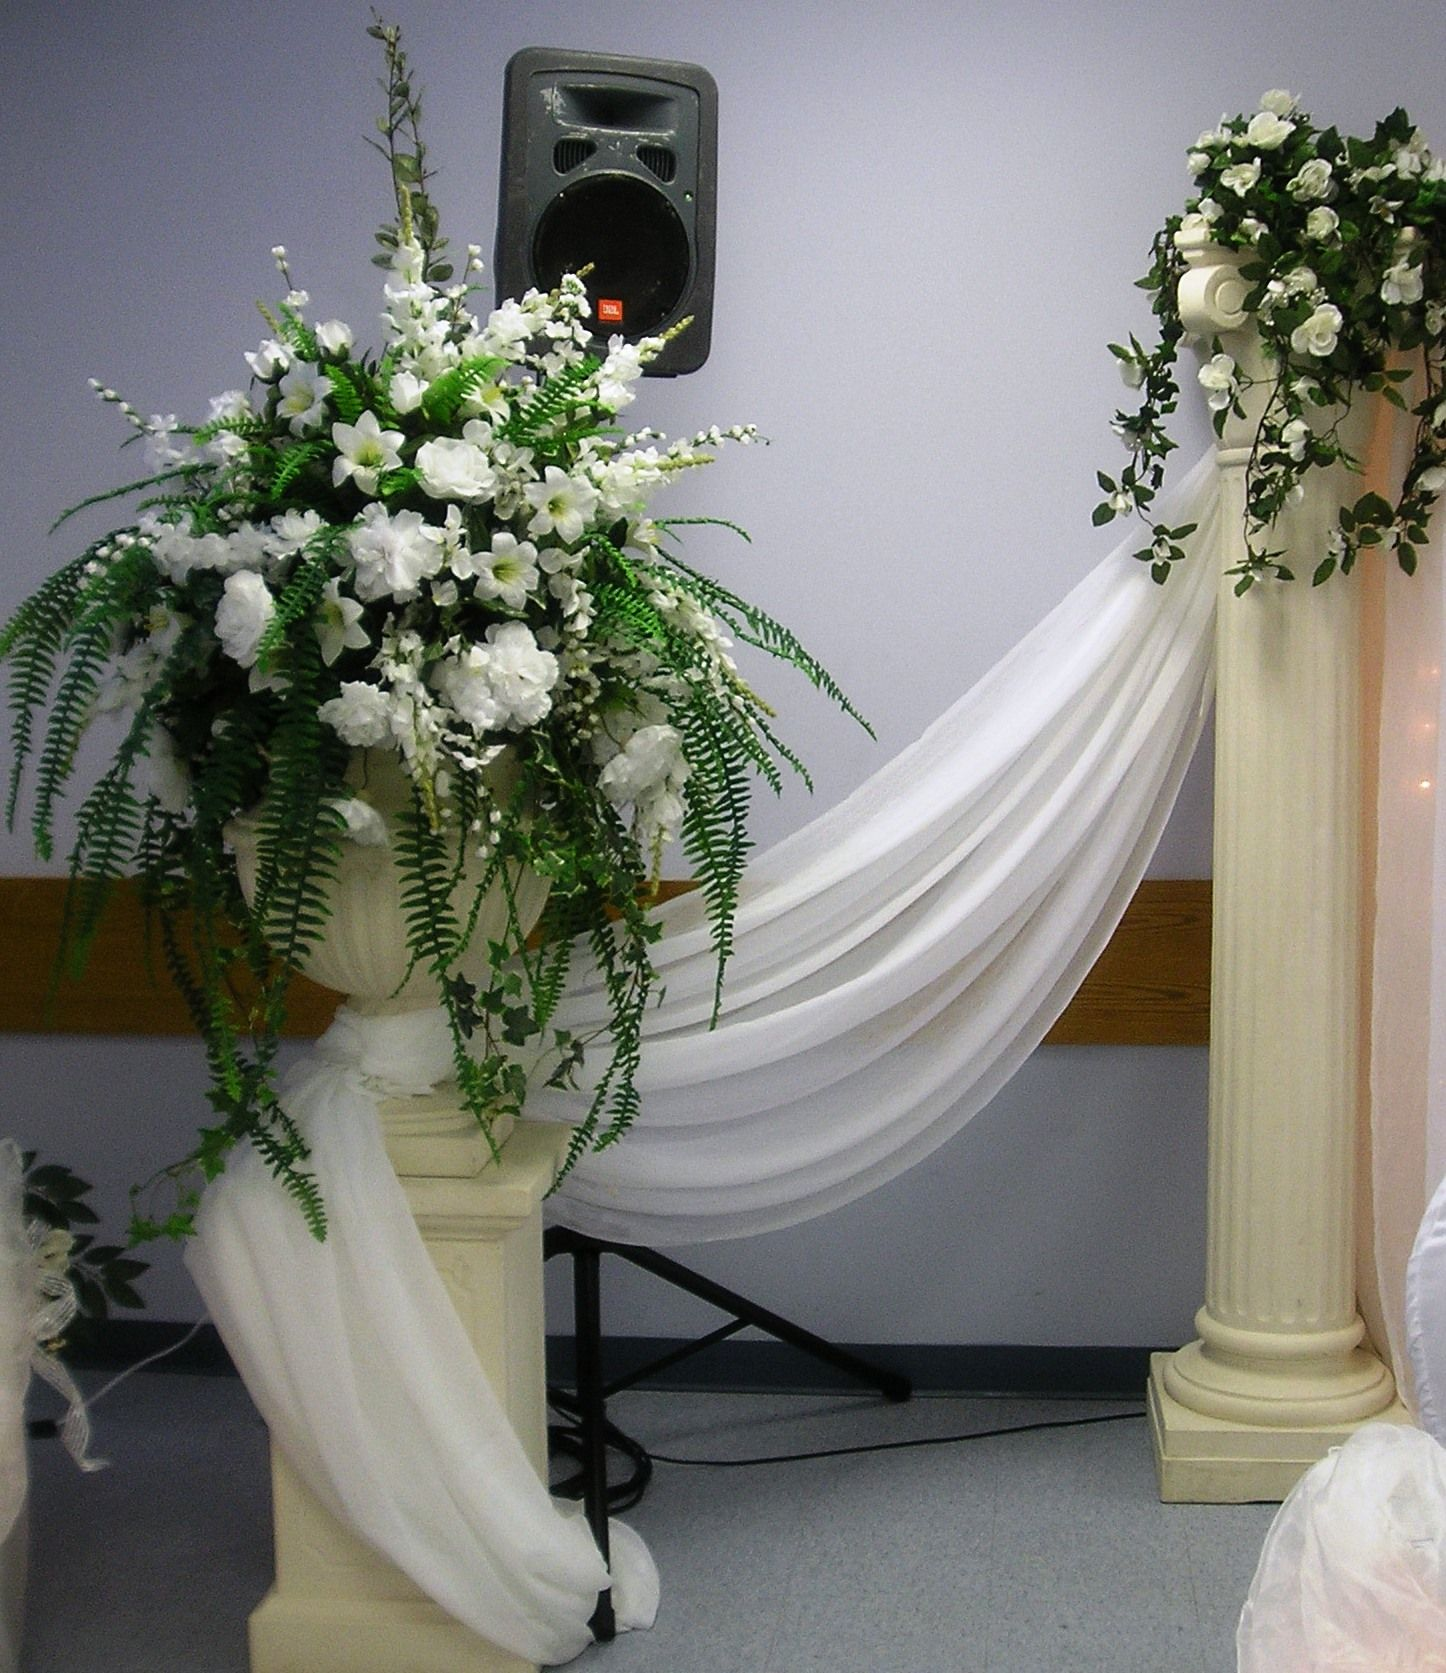 White Floral Arrangements